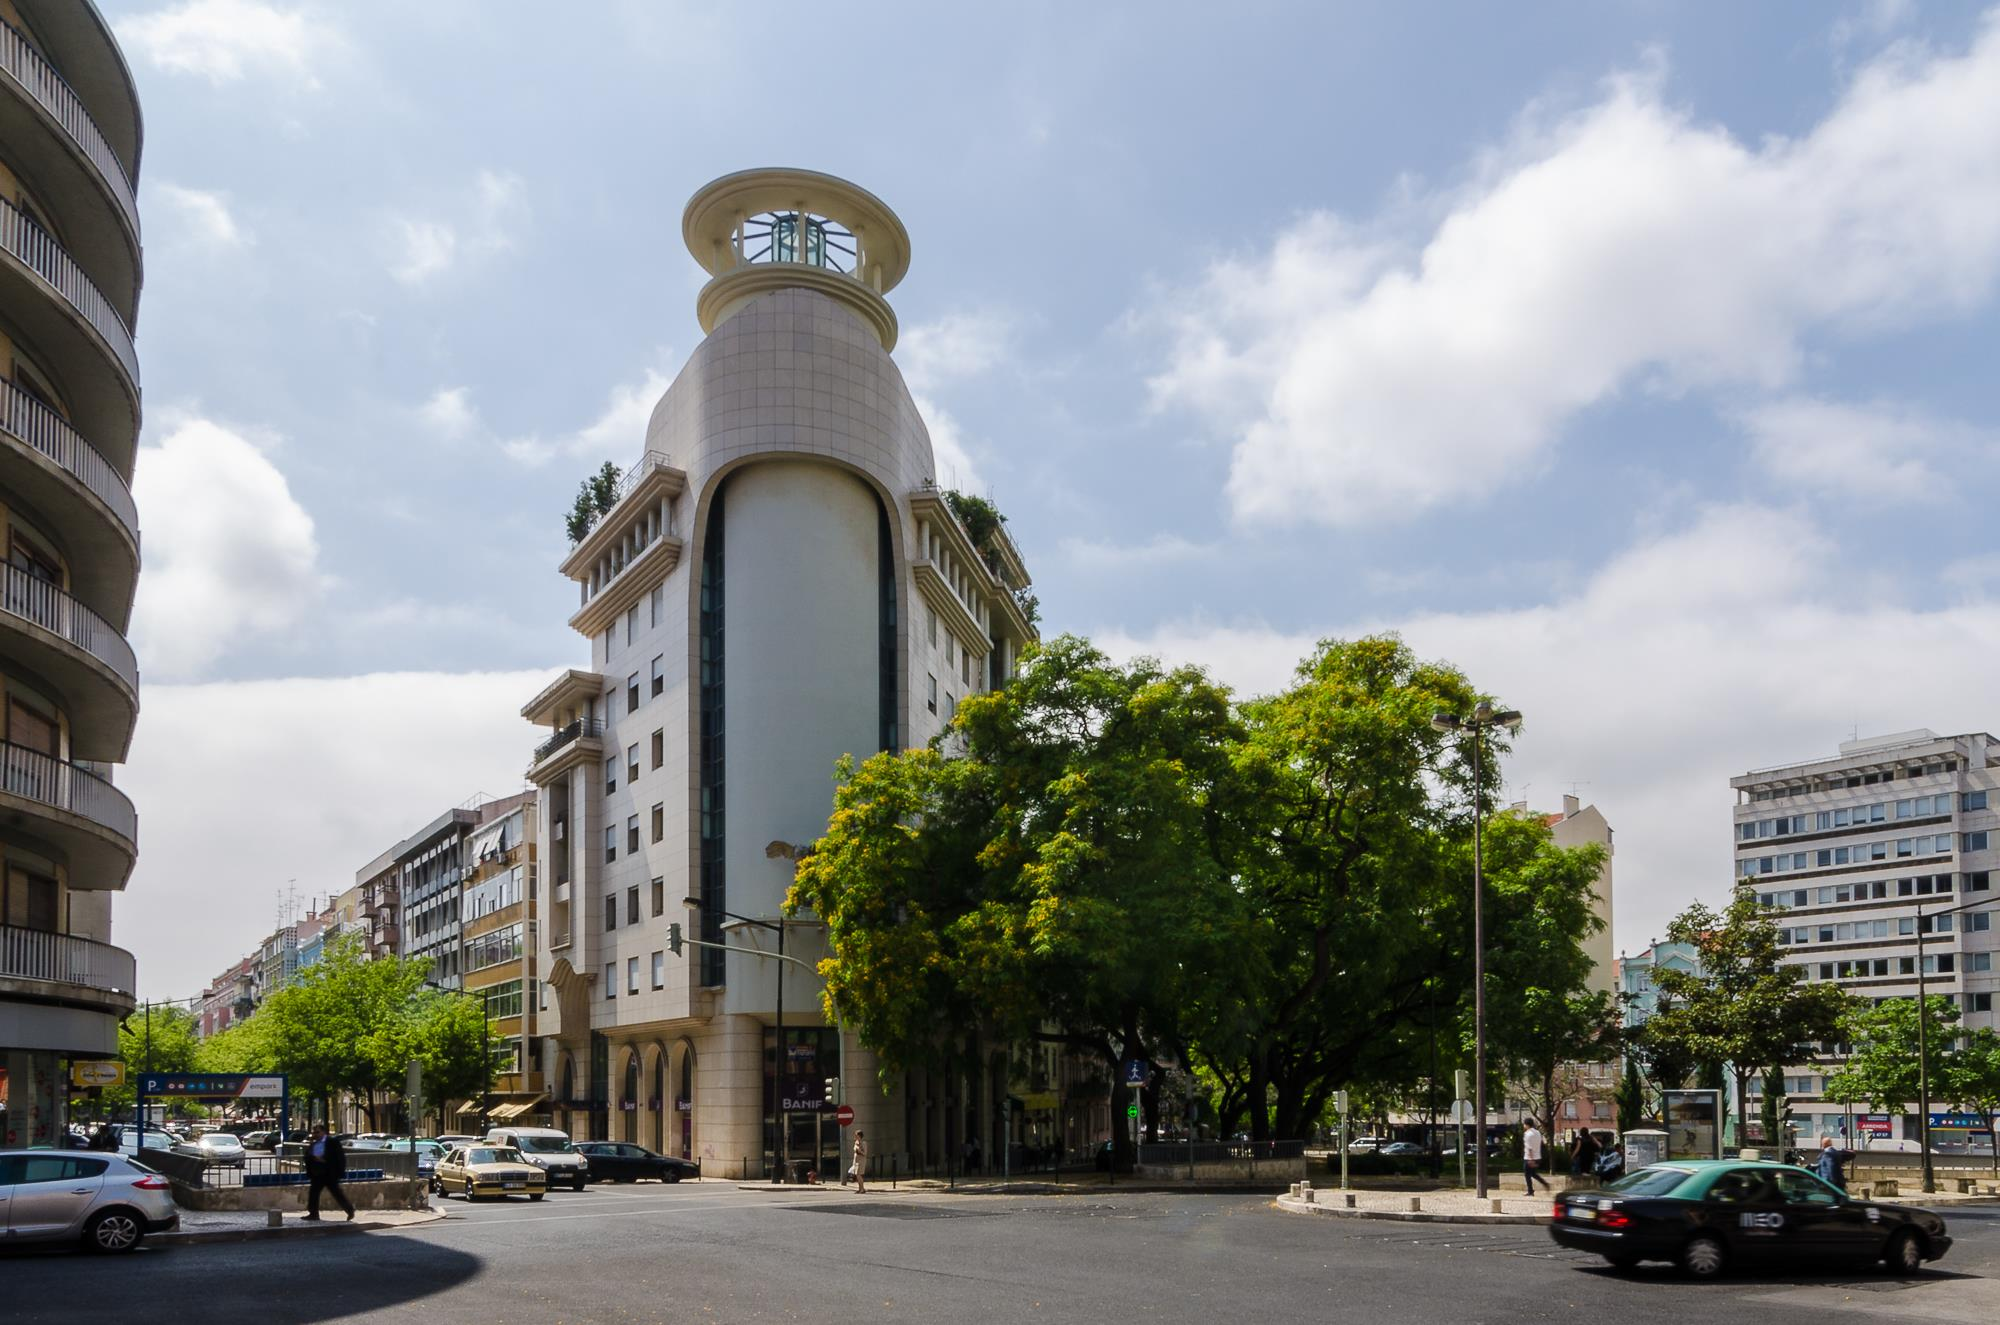 Appartamento per Vendita alle ore Flat, 4 bedrooms, for Sale Lisboa, Lisbona, 1050-066 Portogallo